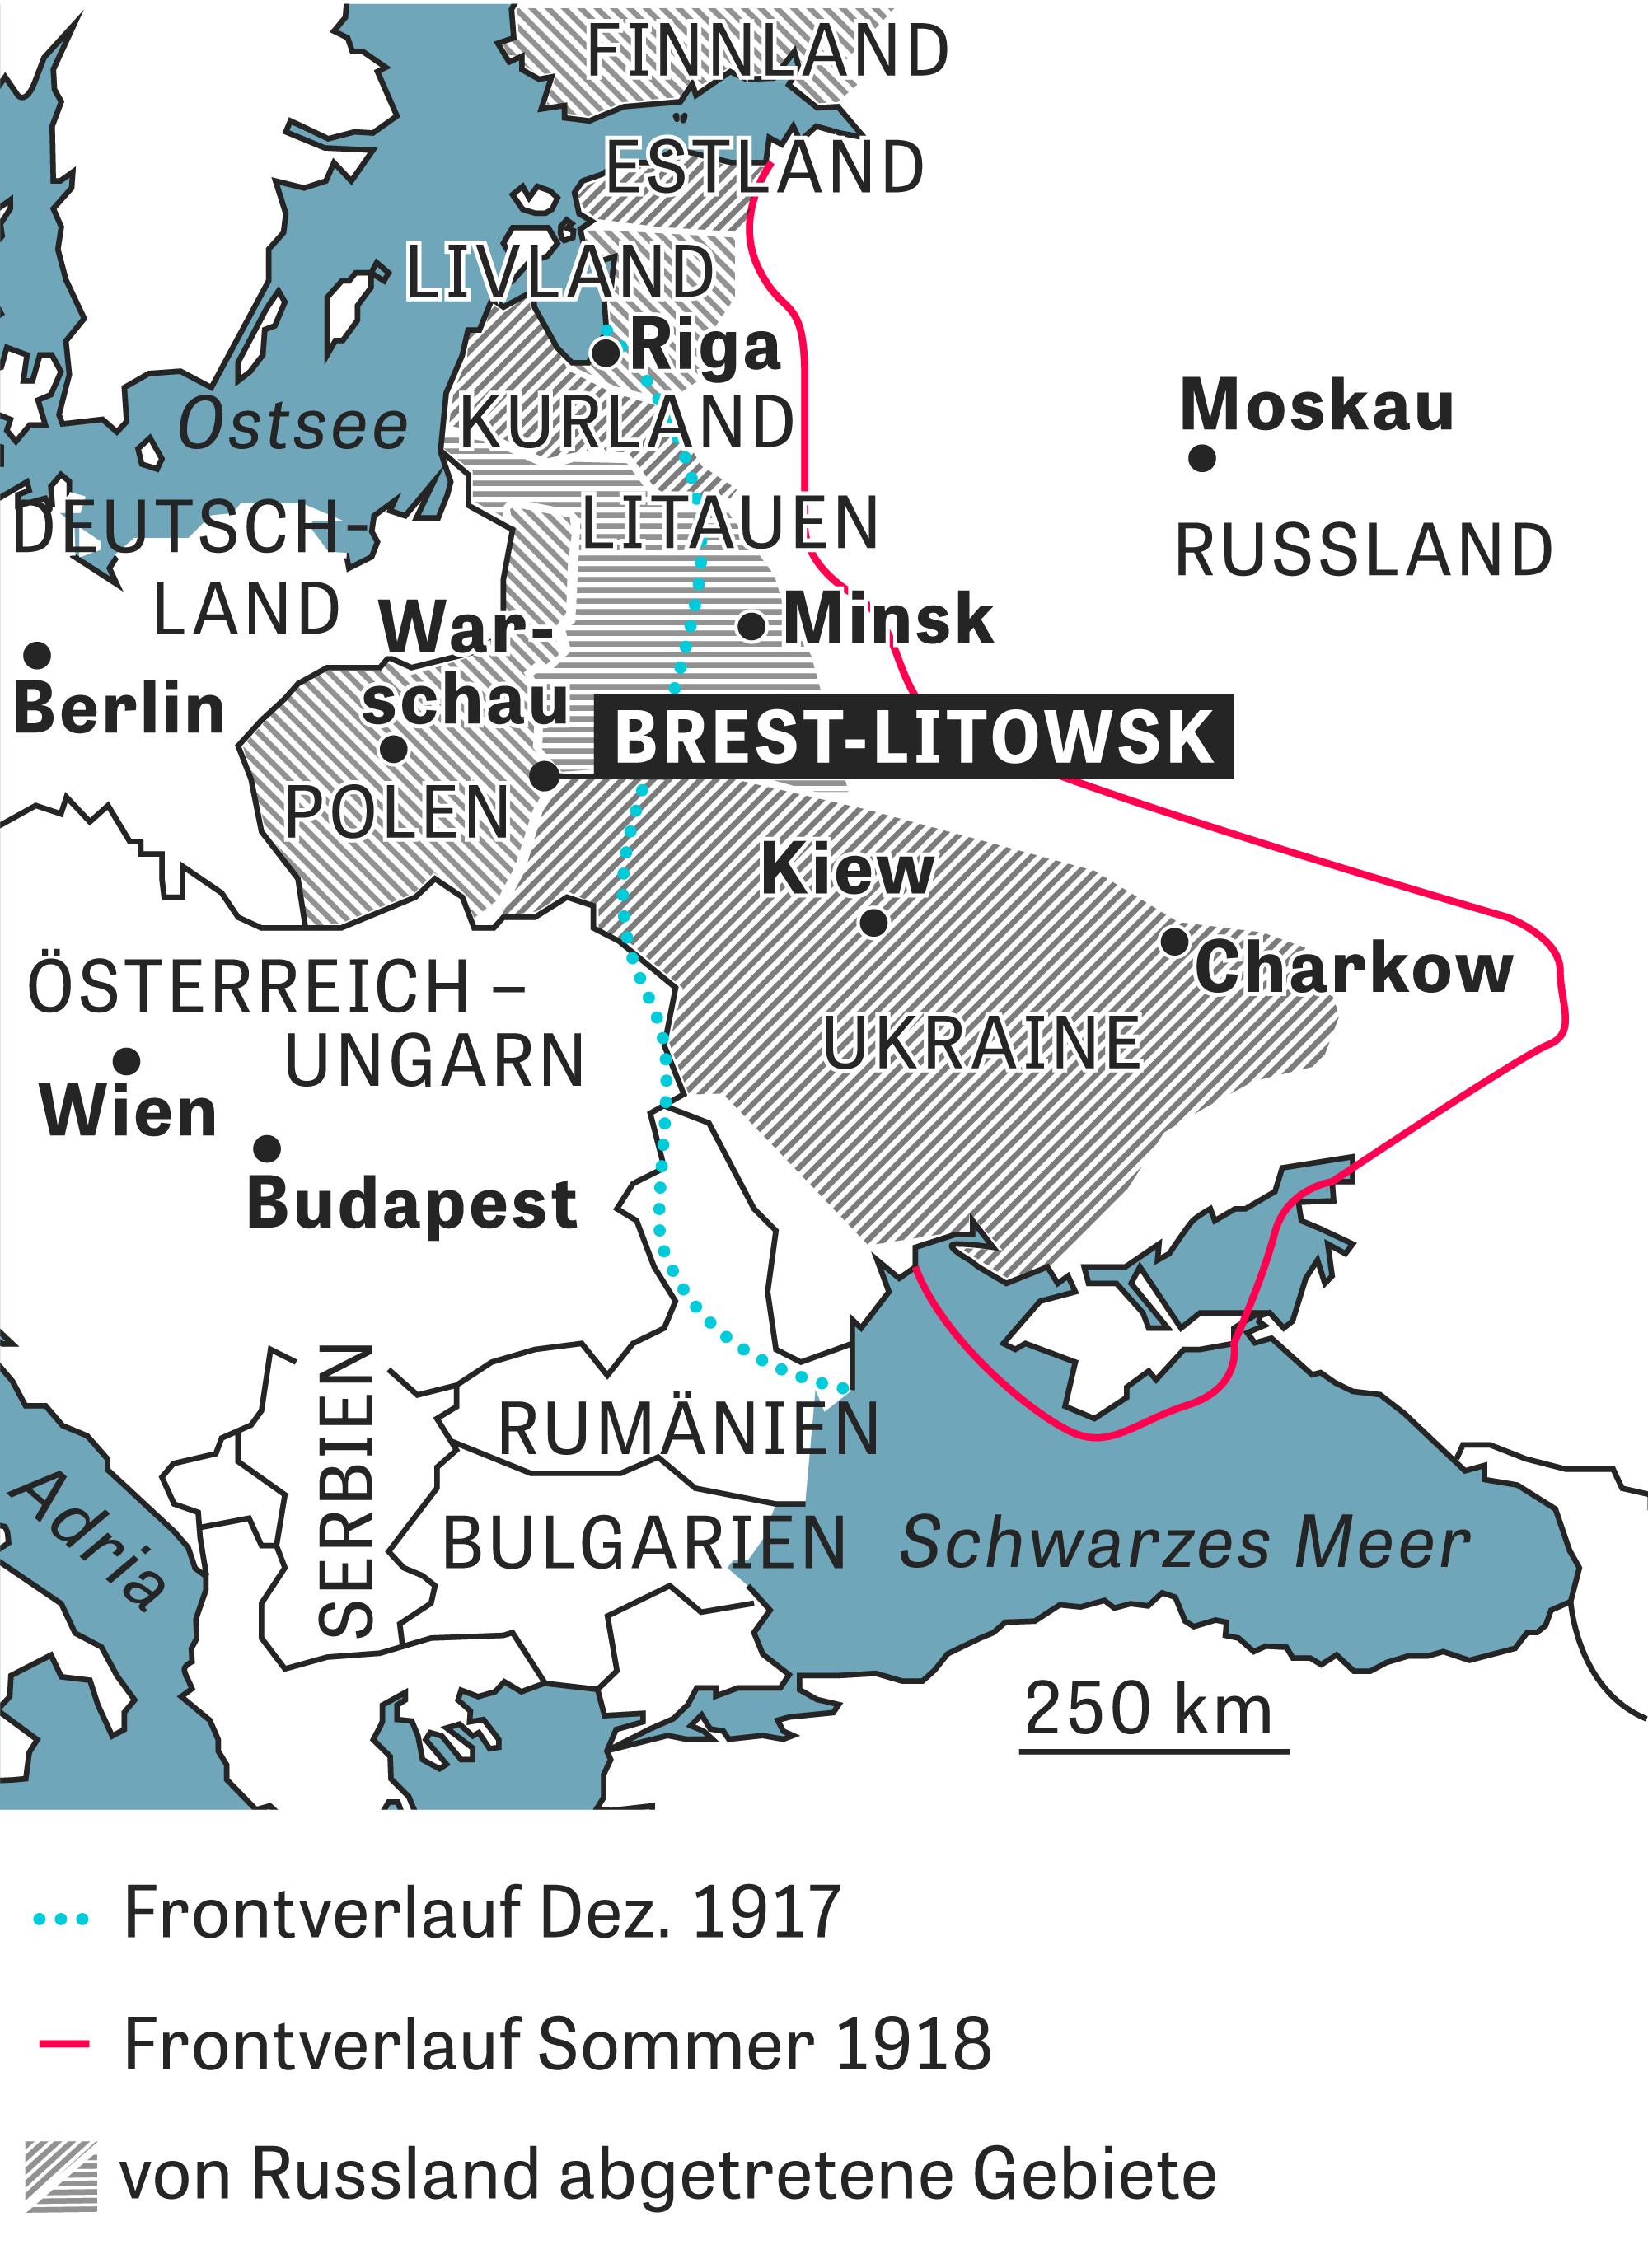 Friedensvertrag von Brest-Litowsk: Ein Schandfrieden ...